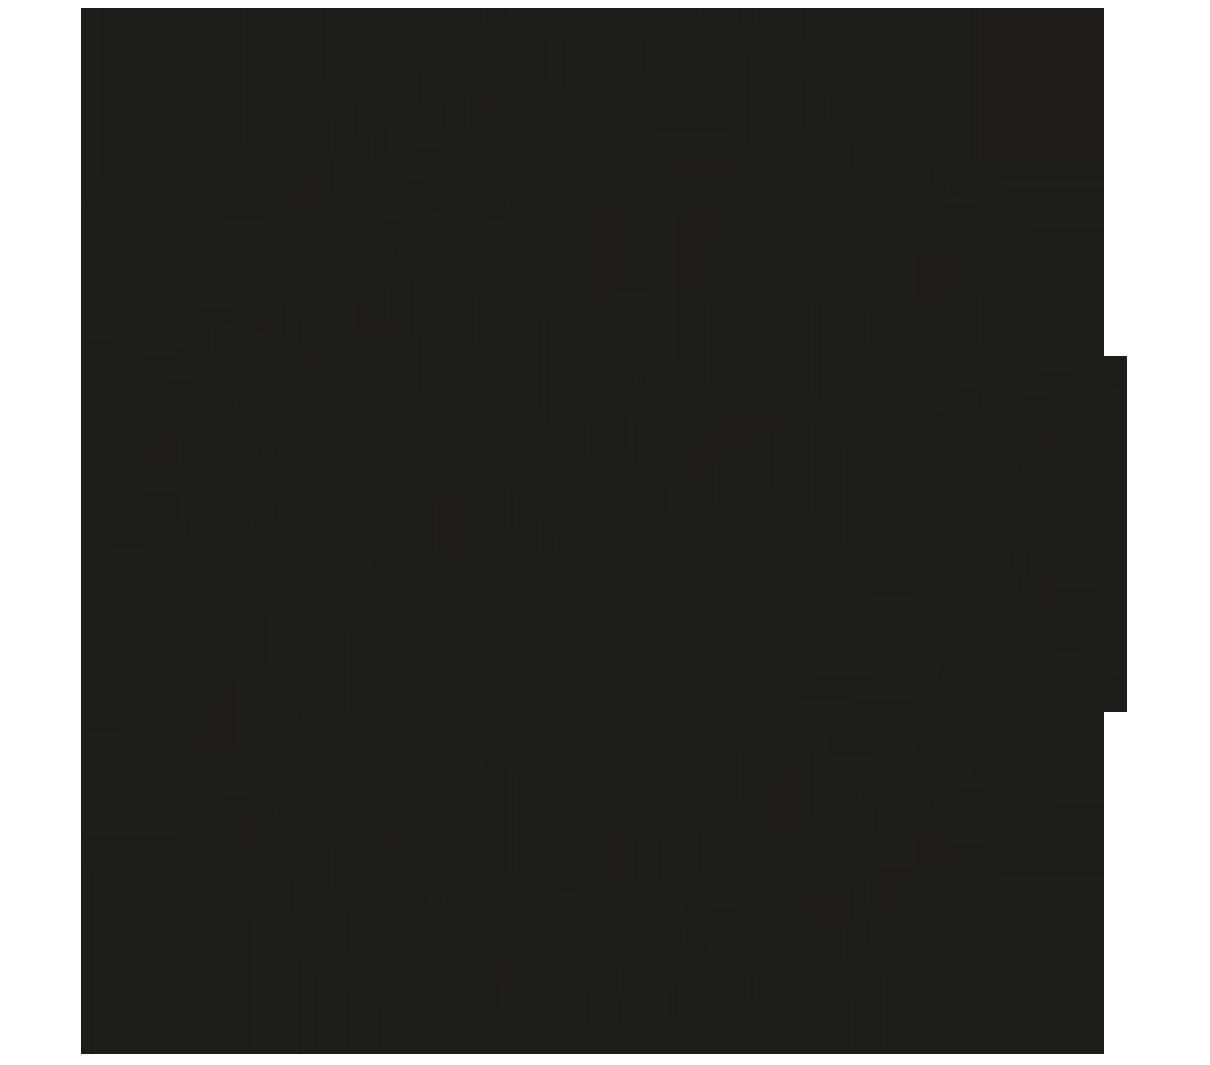 Sigtuna bryggeri logotyp